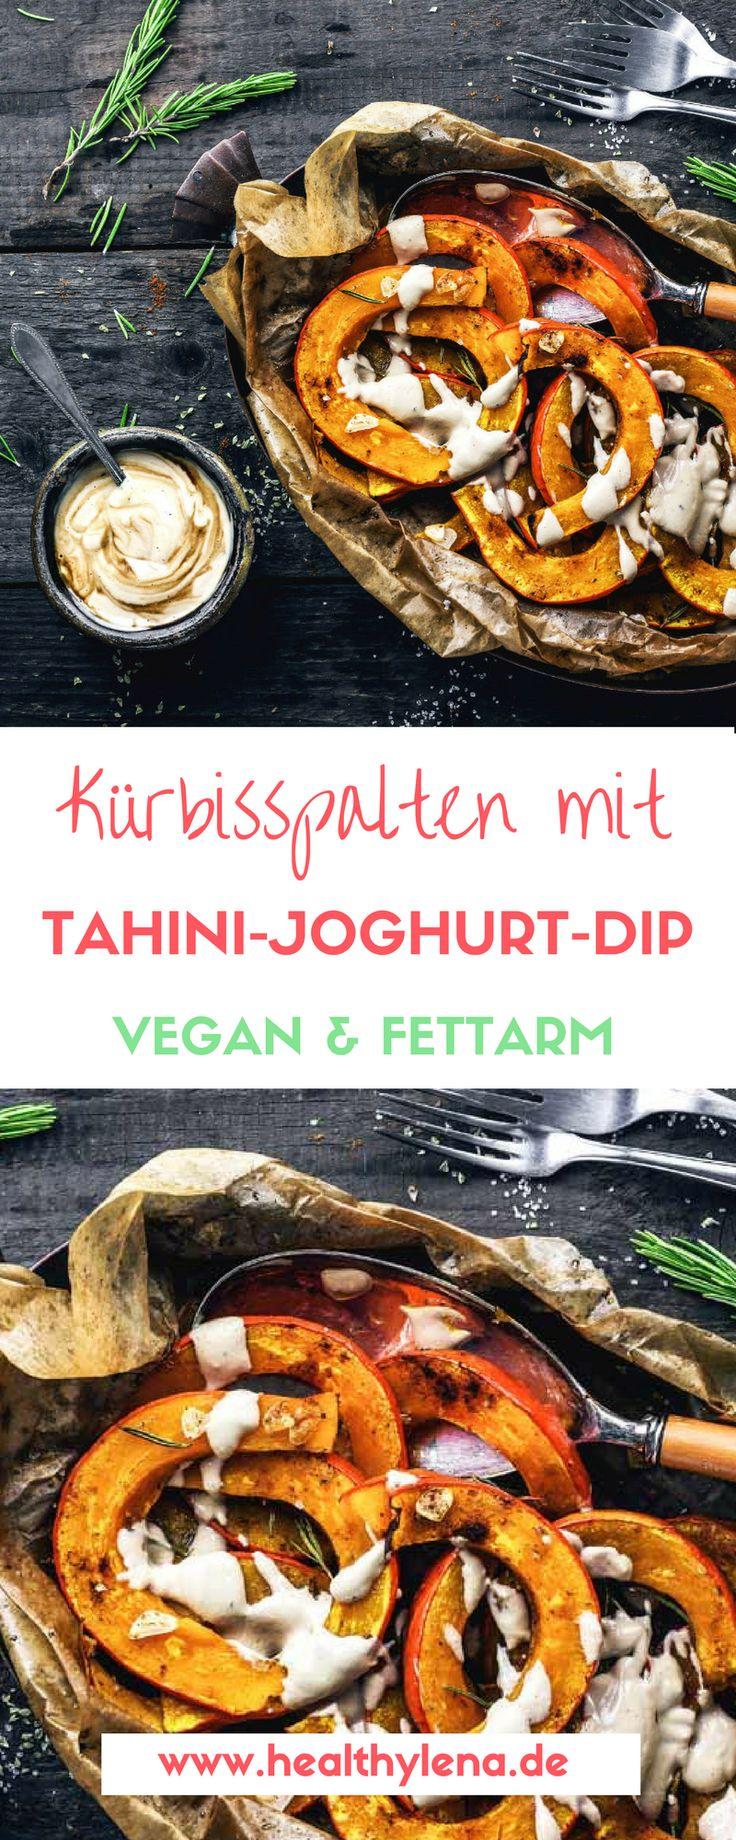 So langsam lässt er sich blicken, der Herbst. Doch das ist kein Grund zur Traurigkeit, denn kulinarisch hat der Herbst einiges zu bieten. Heute möchte ich mein liebstes Kürbis-Rezept mit euch teilen: würzige Kürbisspalten aus dem Ofen mit Tahini Joghurt Dip – vegan, glutenfrei, fettarm und nach Wunsch auch sojafrei. Perfekt also, um so gut wie jeden Geschmack zu treffen!